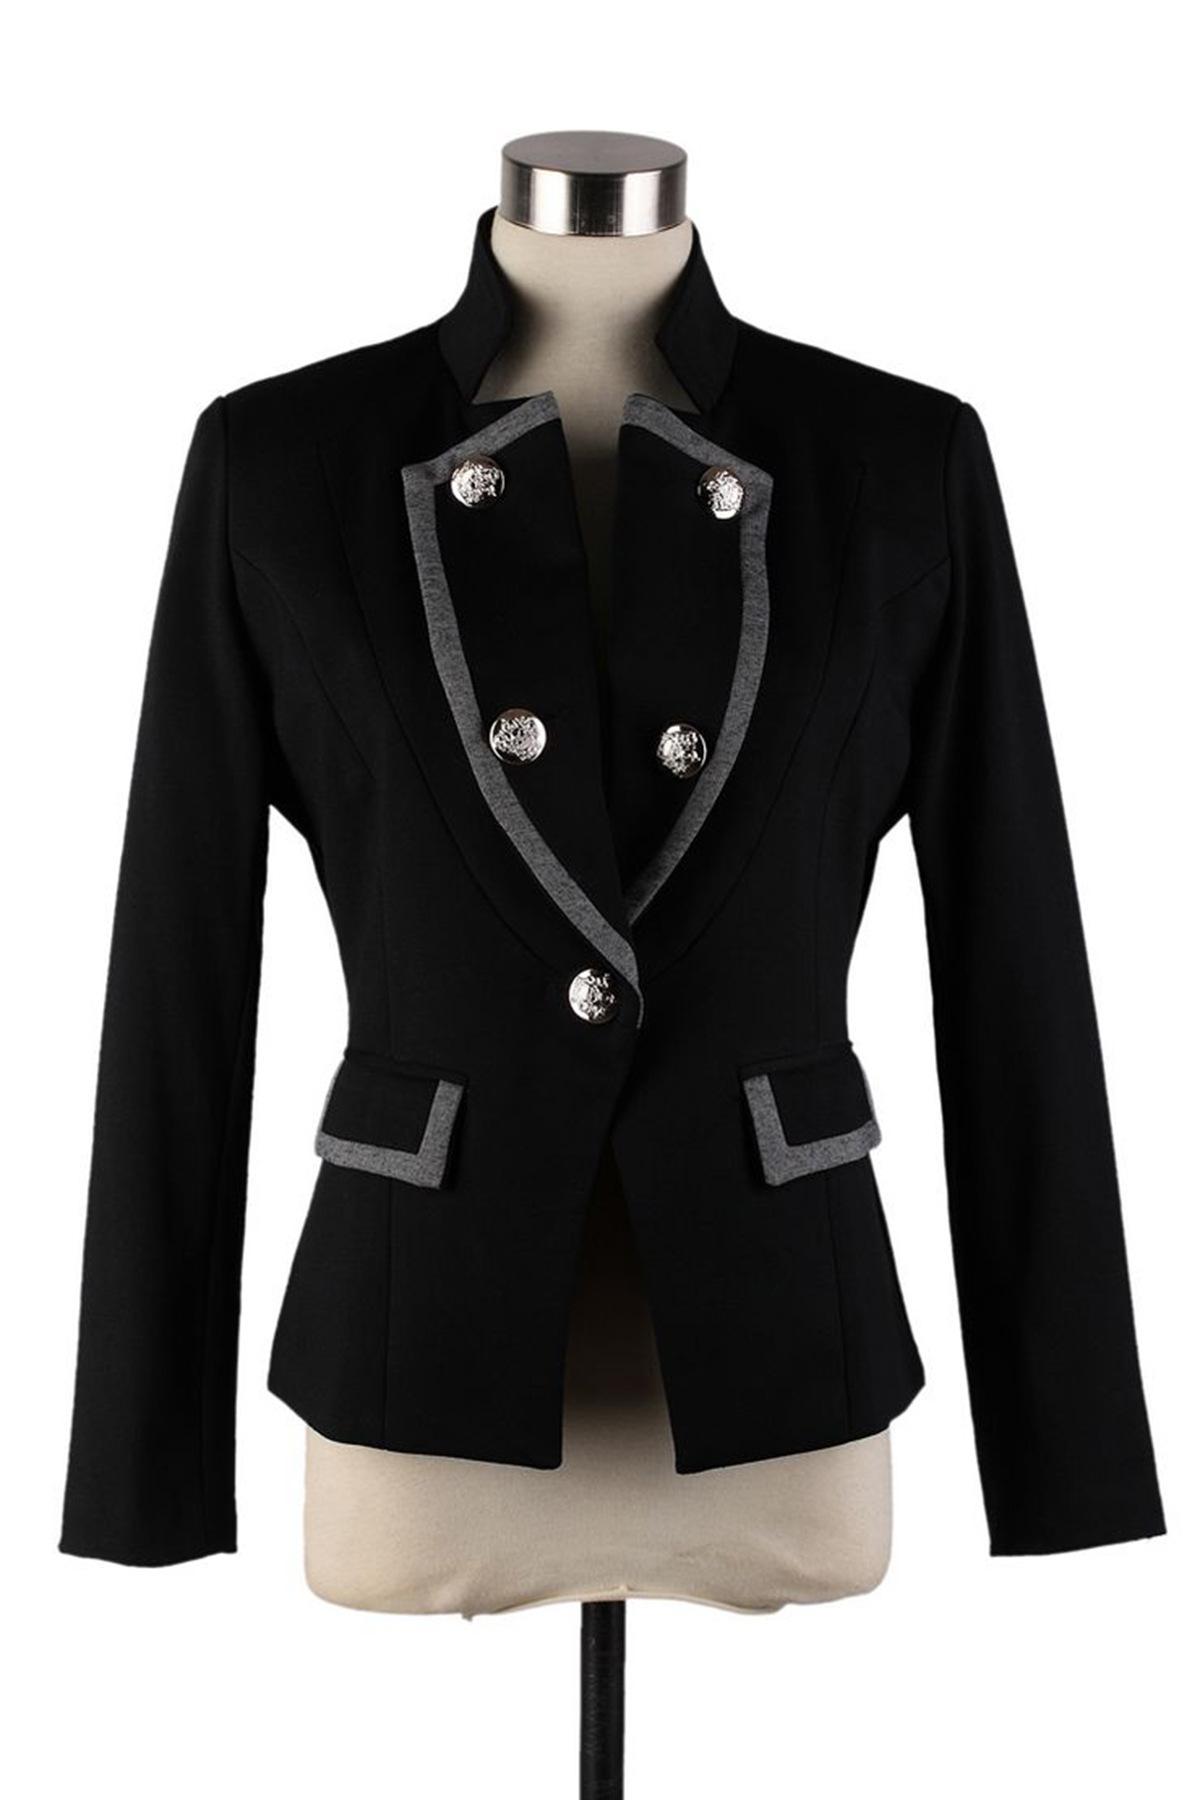 เสื้อสูทแฟชั่น เสื้อสูทผู้หญิง สีดำ แขนยาว แต่งขลิบสีเทา